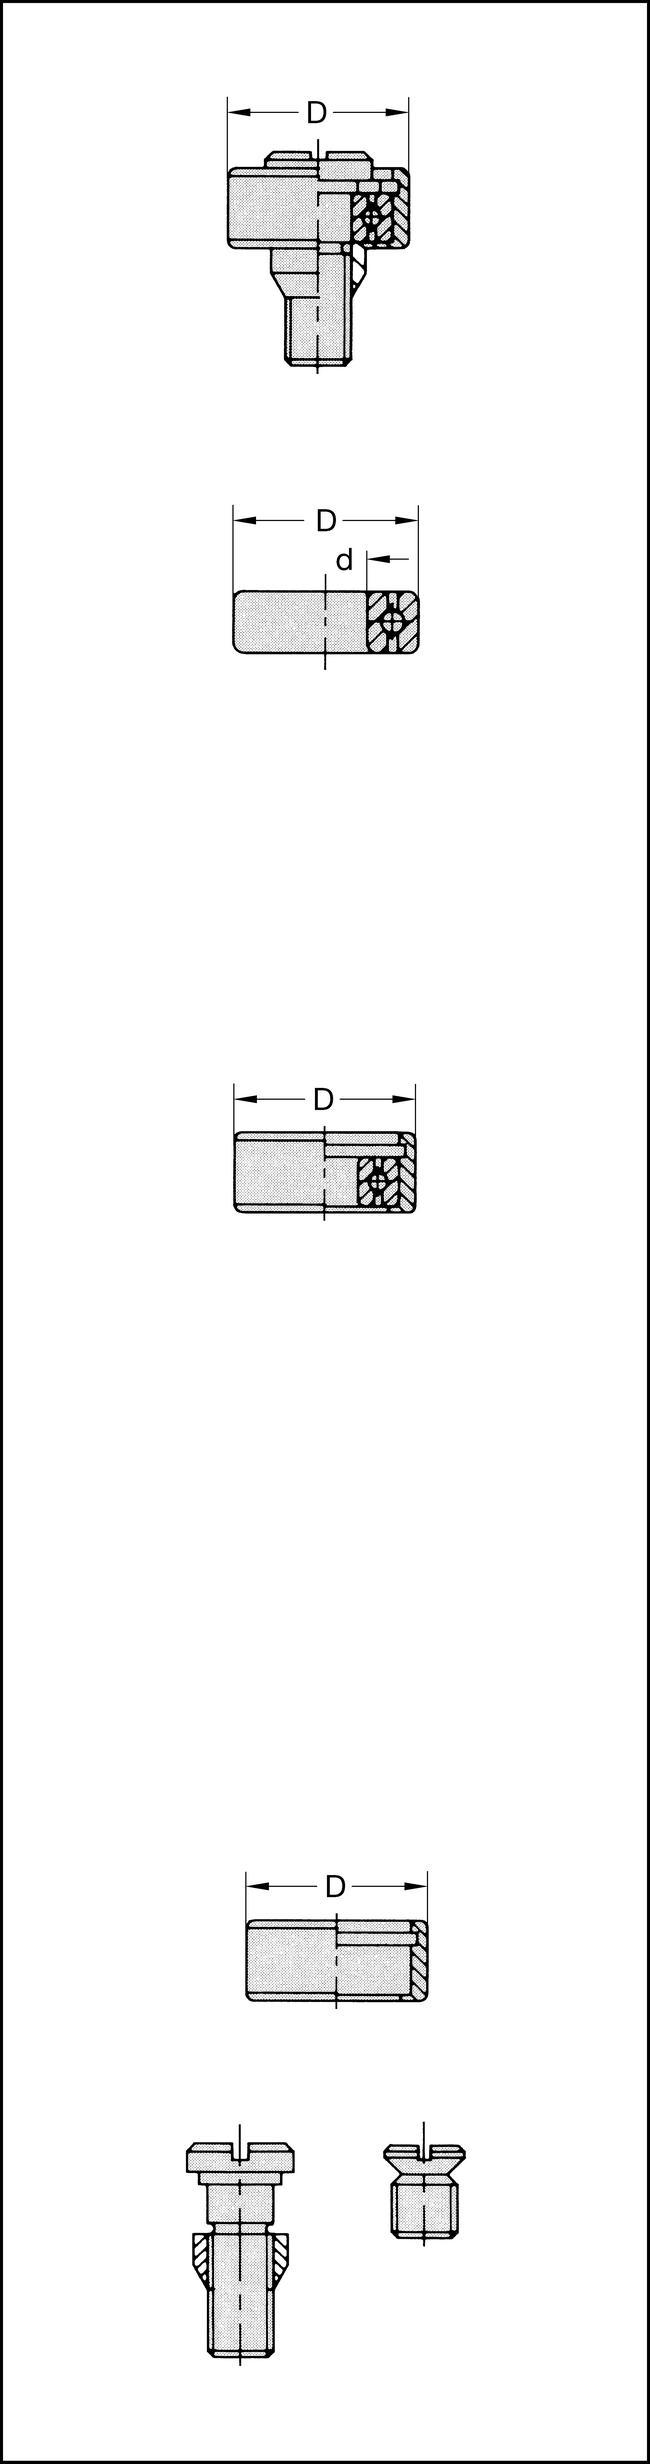 Kugellager 19mm d=6,35mm